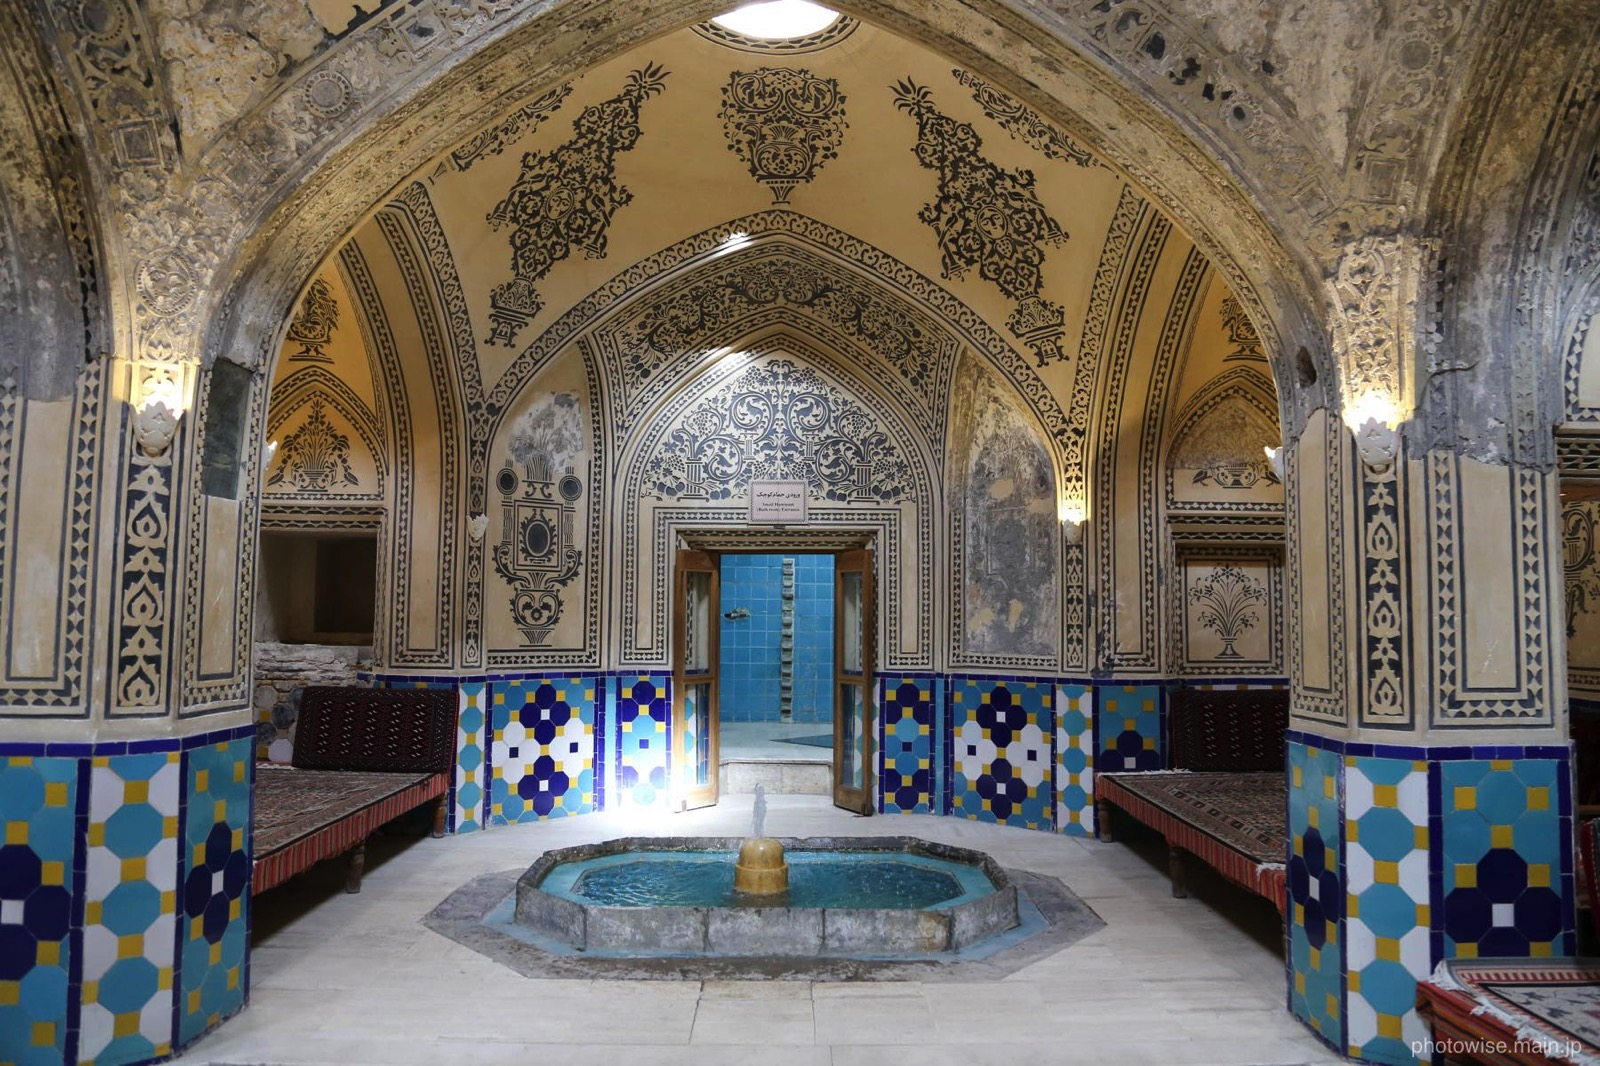 Sultan Amir Ahmad Bathhouse Sultan Amir Ahmad Bathhouse